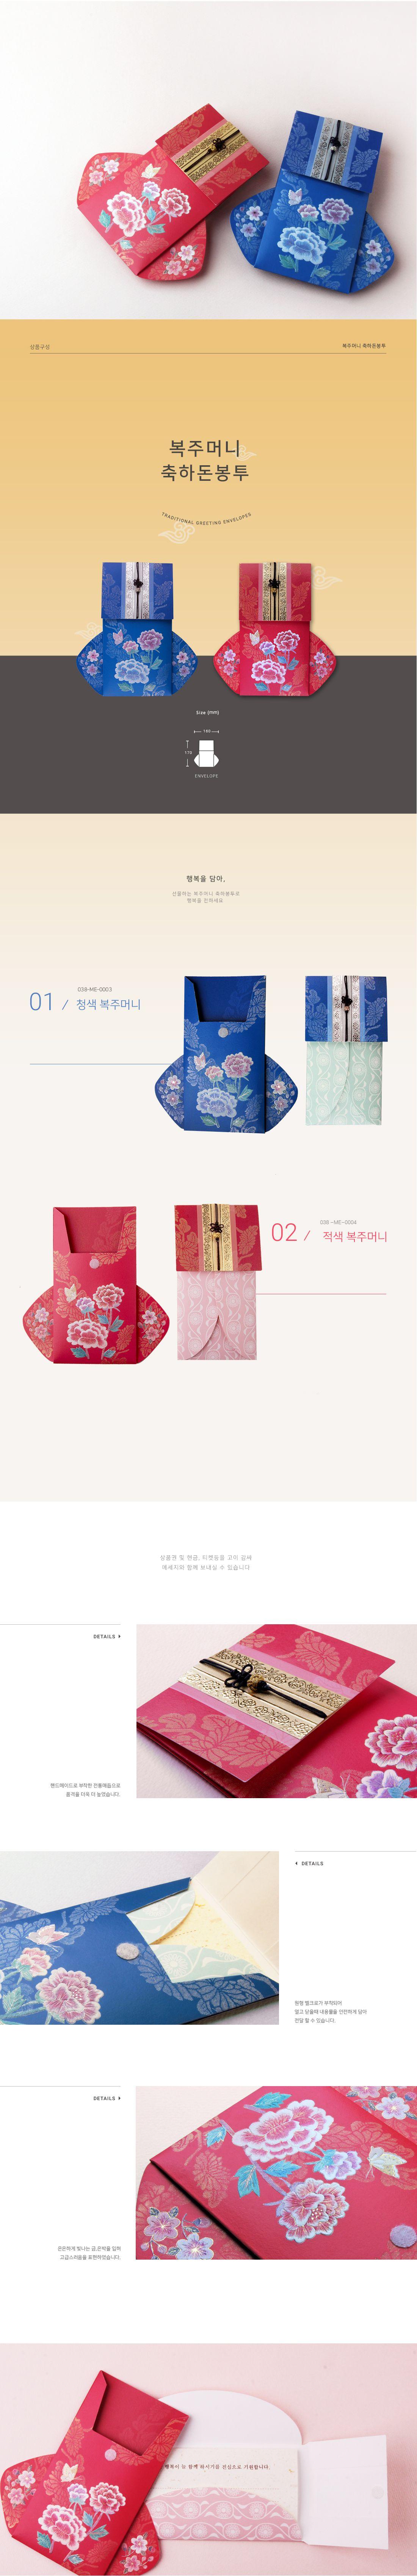 Traditional Greeting Lucky Bag – 2 colors-holiholic.com